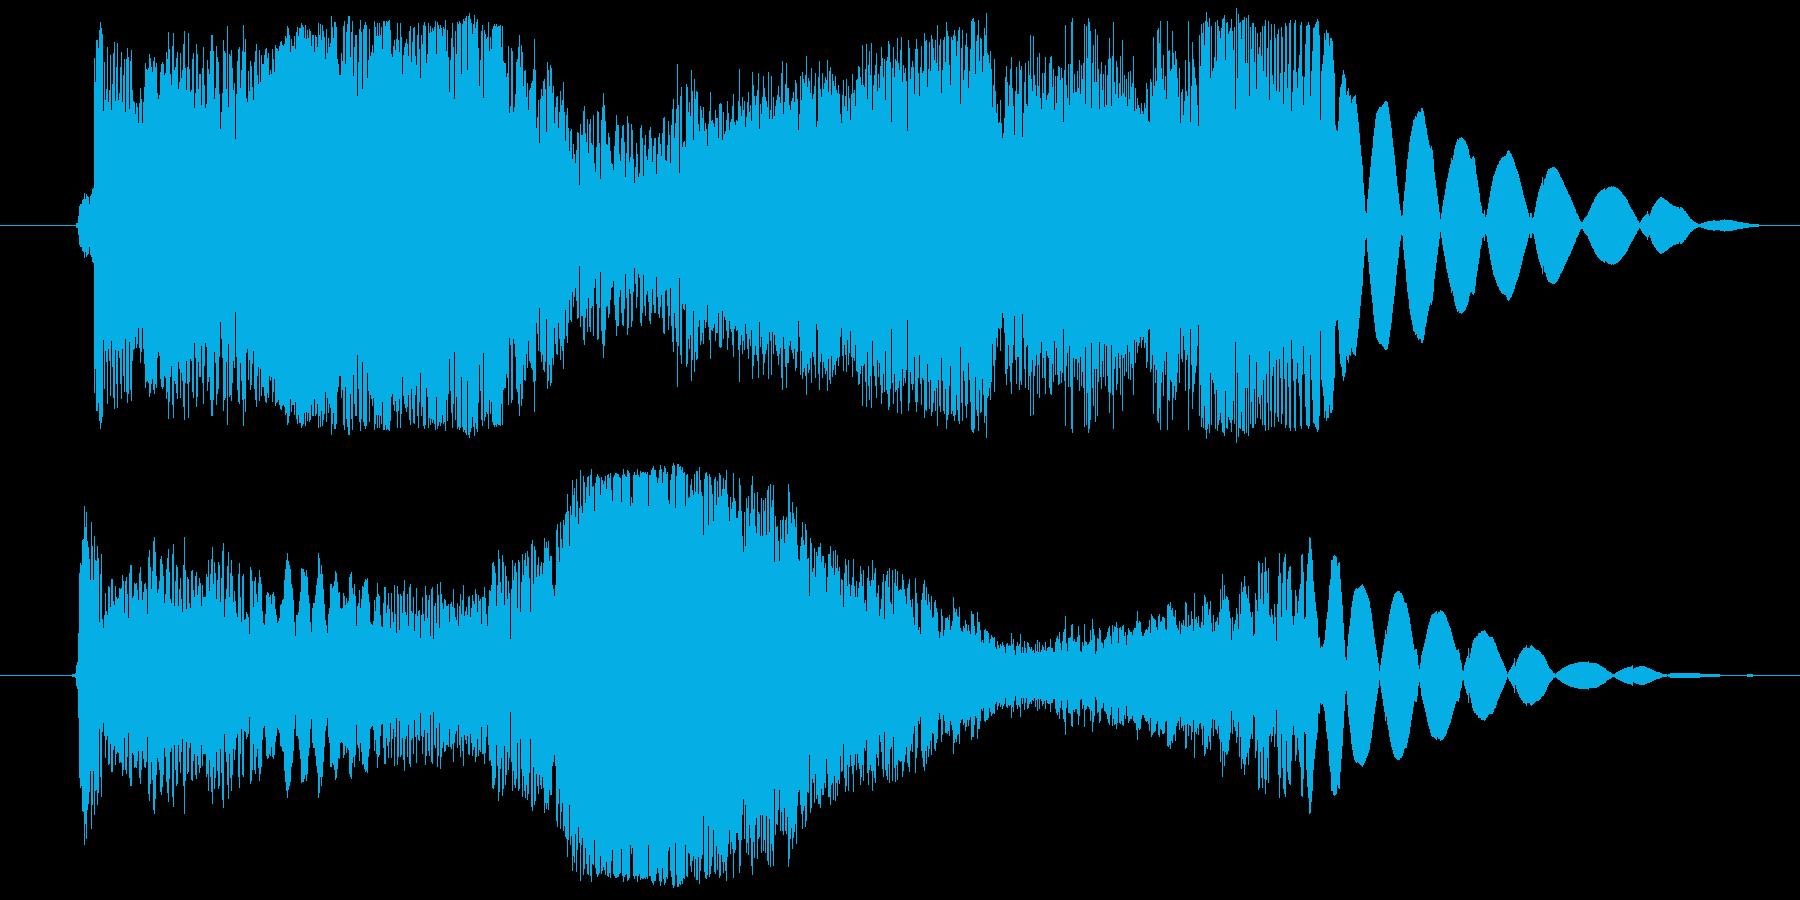 DJ,ラジオ,映像,クリエイター様に!2の再生済みの波形